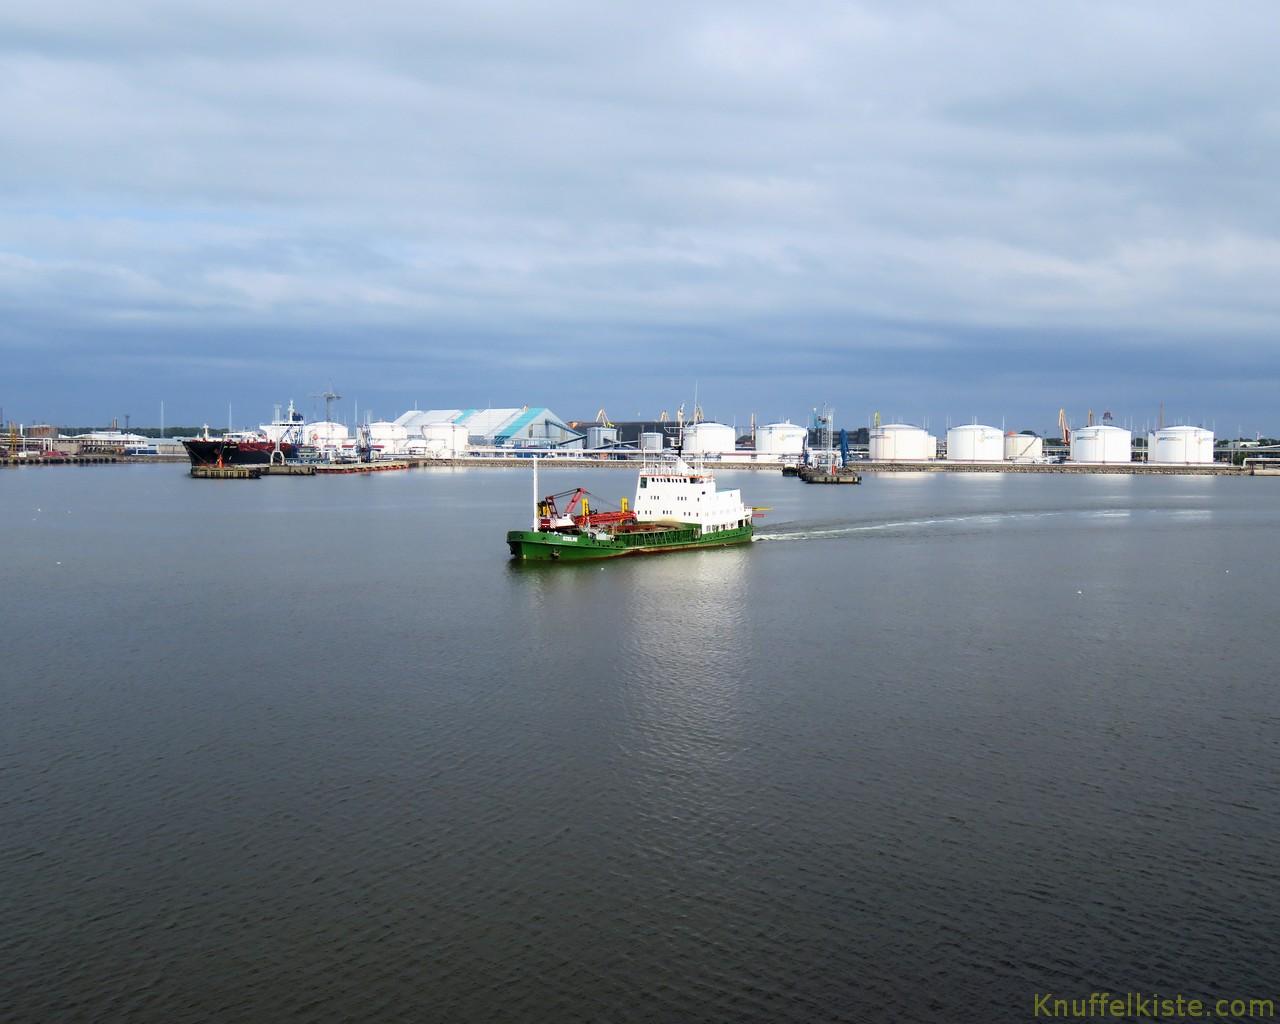 der Hafen von Ventspils kommt in Sicht